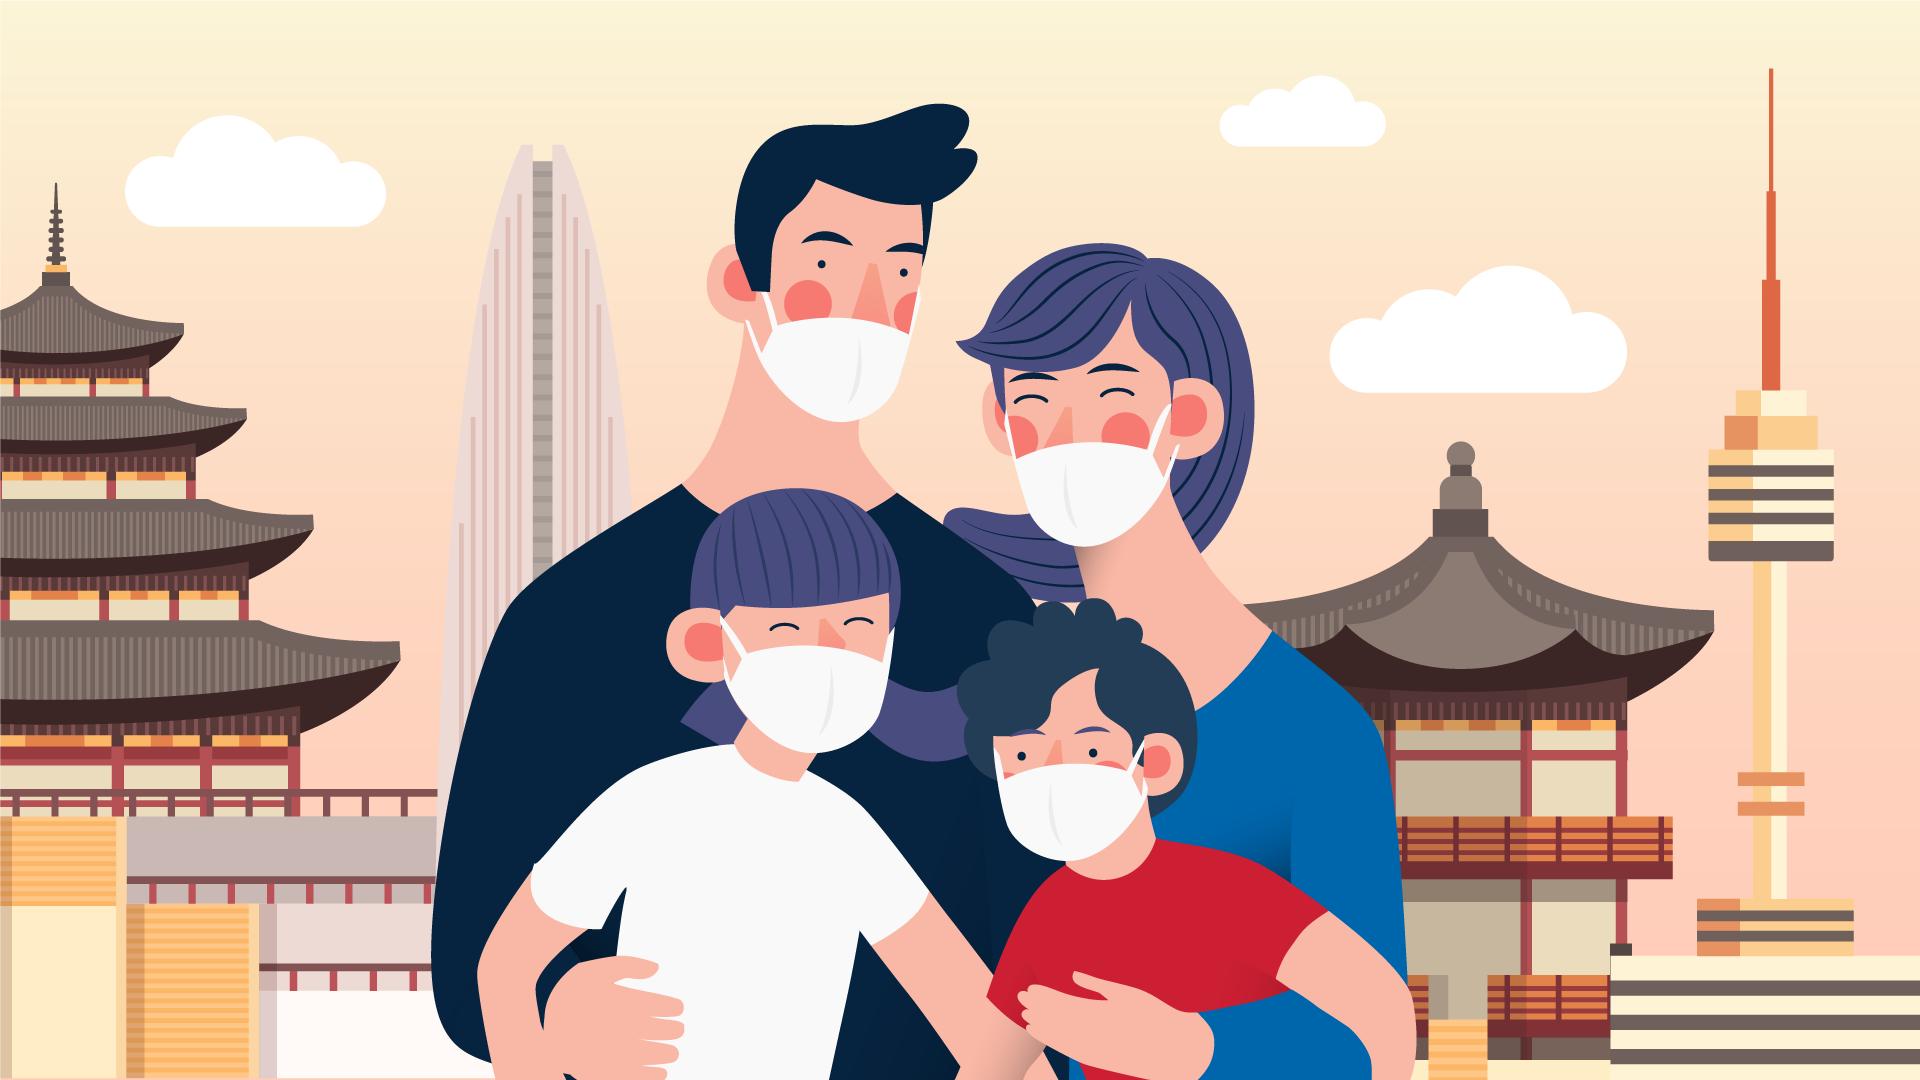 Virus corona xáo tung mọi thứ, nhưng cũng mở ra hy vọng ở Hàn Quốc ...